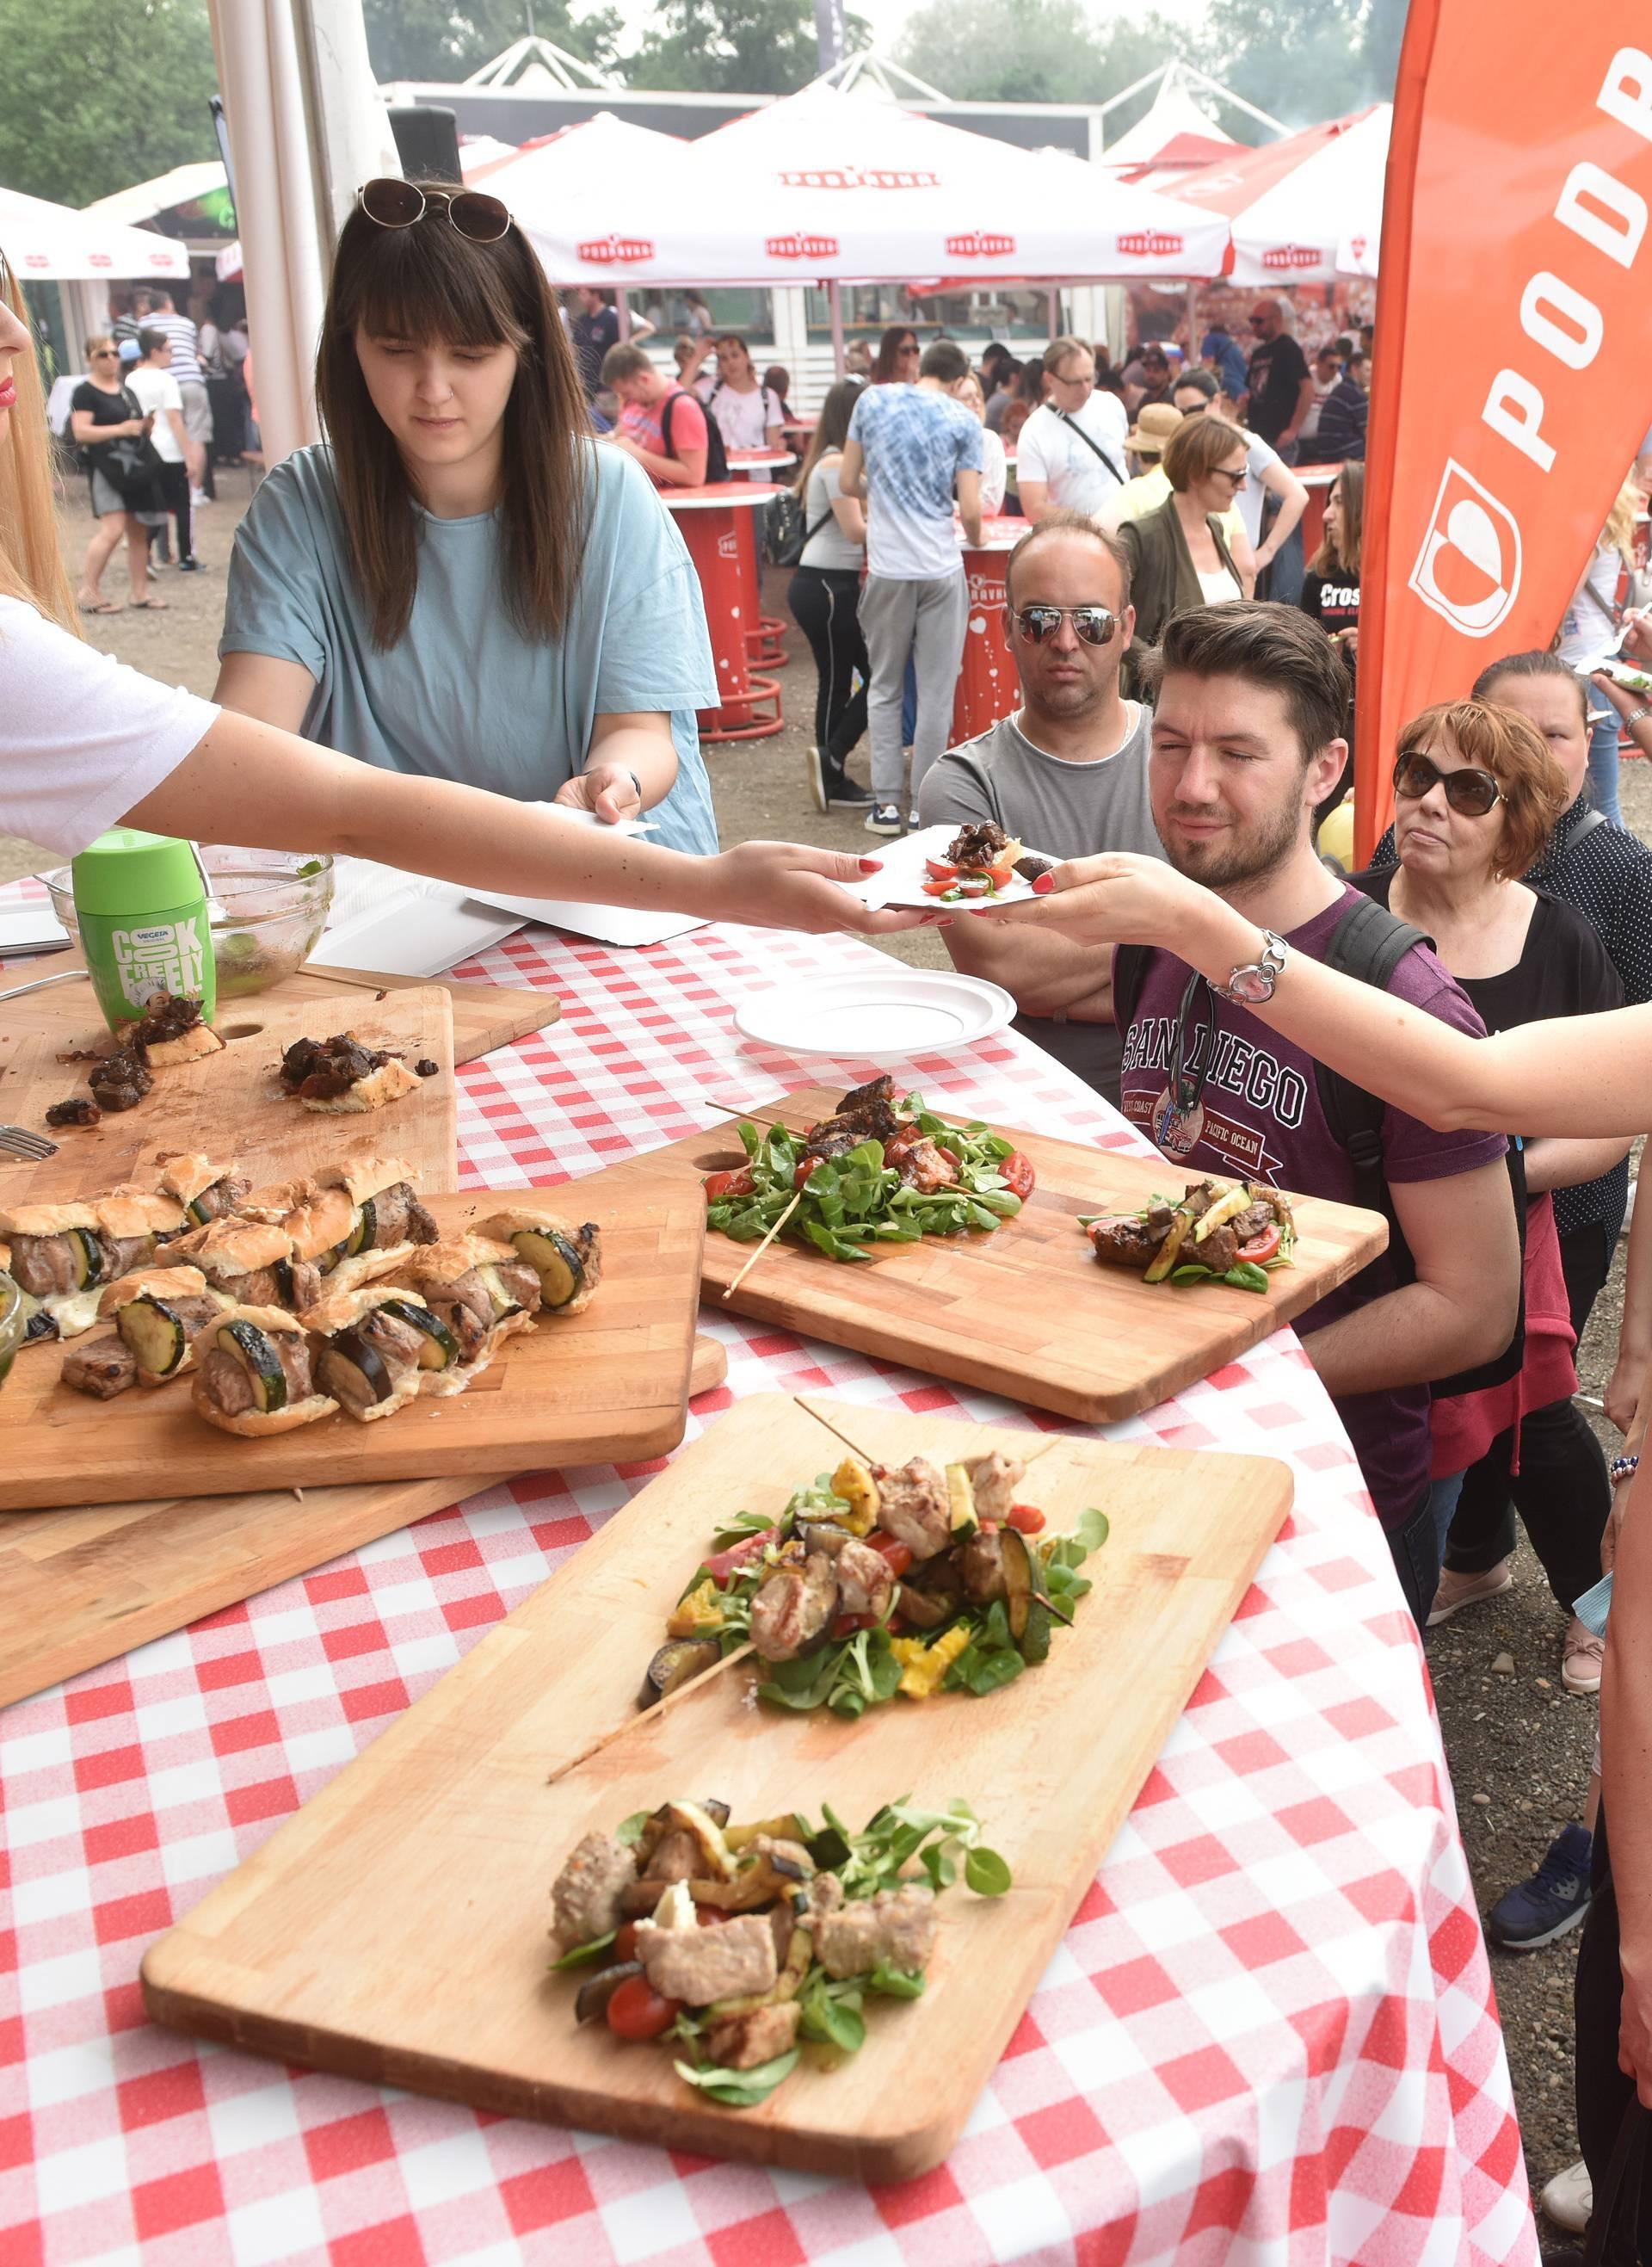 Zagreb Chill&Grill: Fantastična atmosfera, klopa, cuga, mjuza